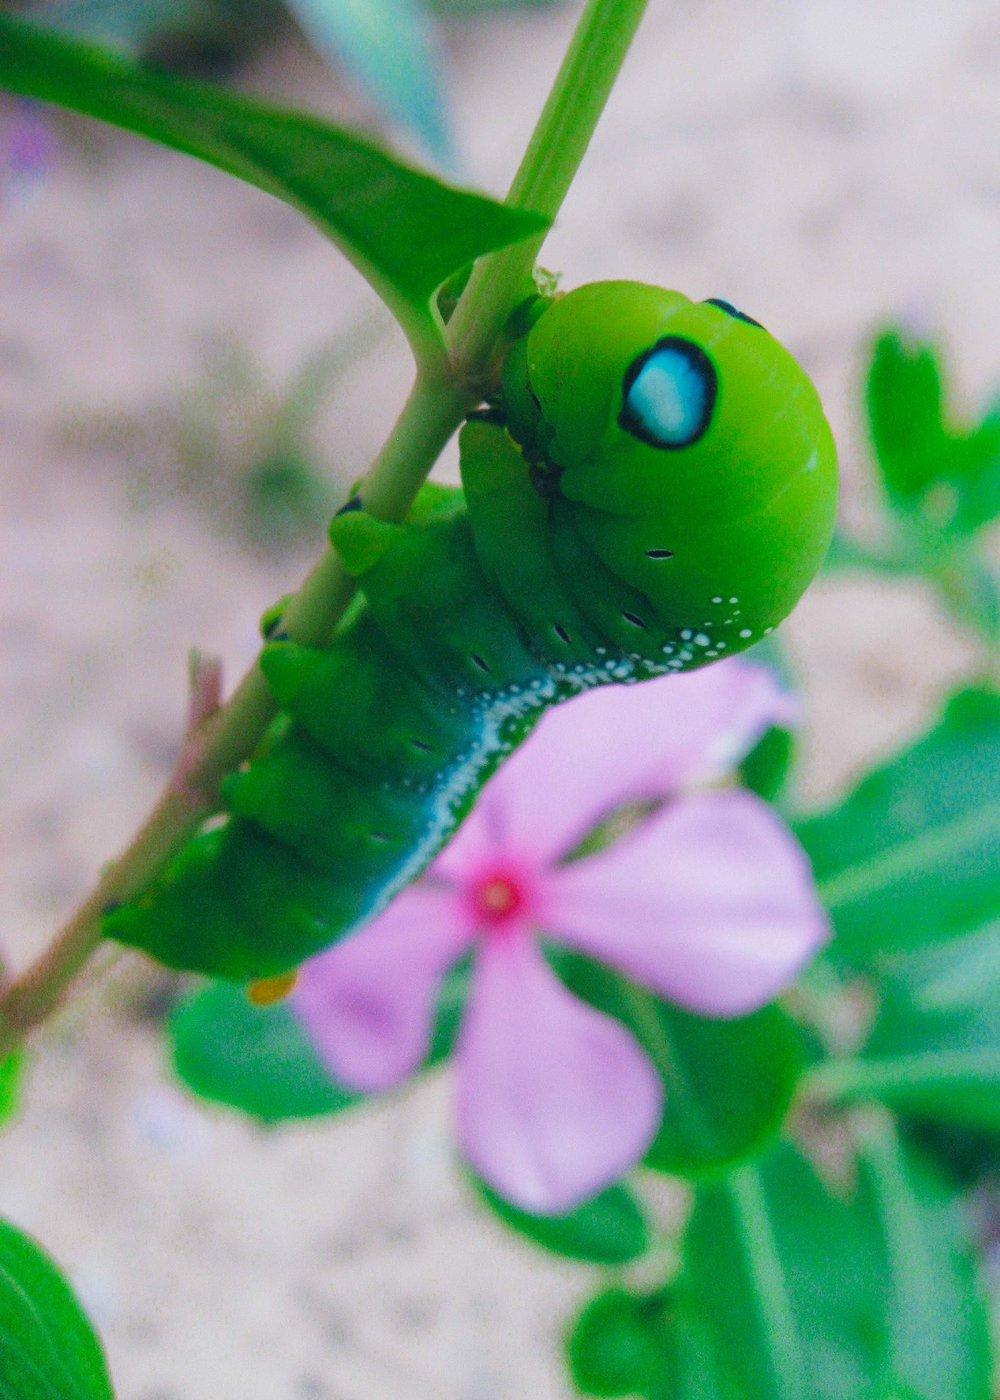 caterpillar_2417901919_o.jpg